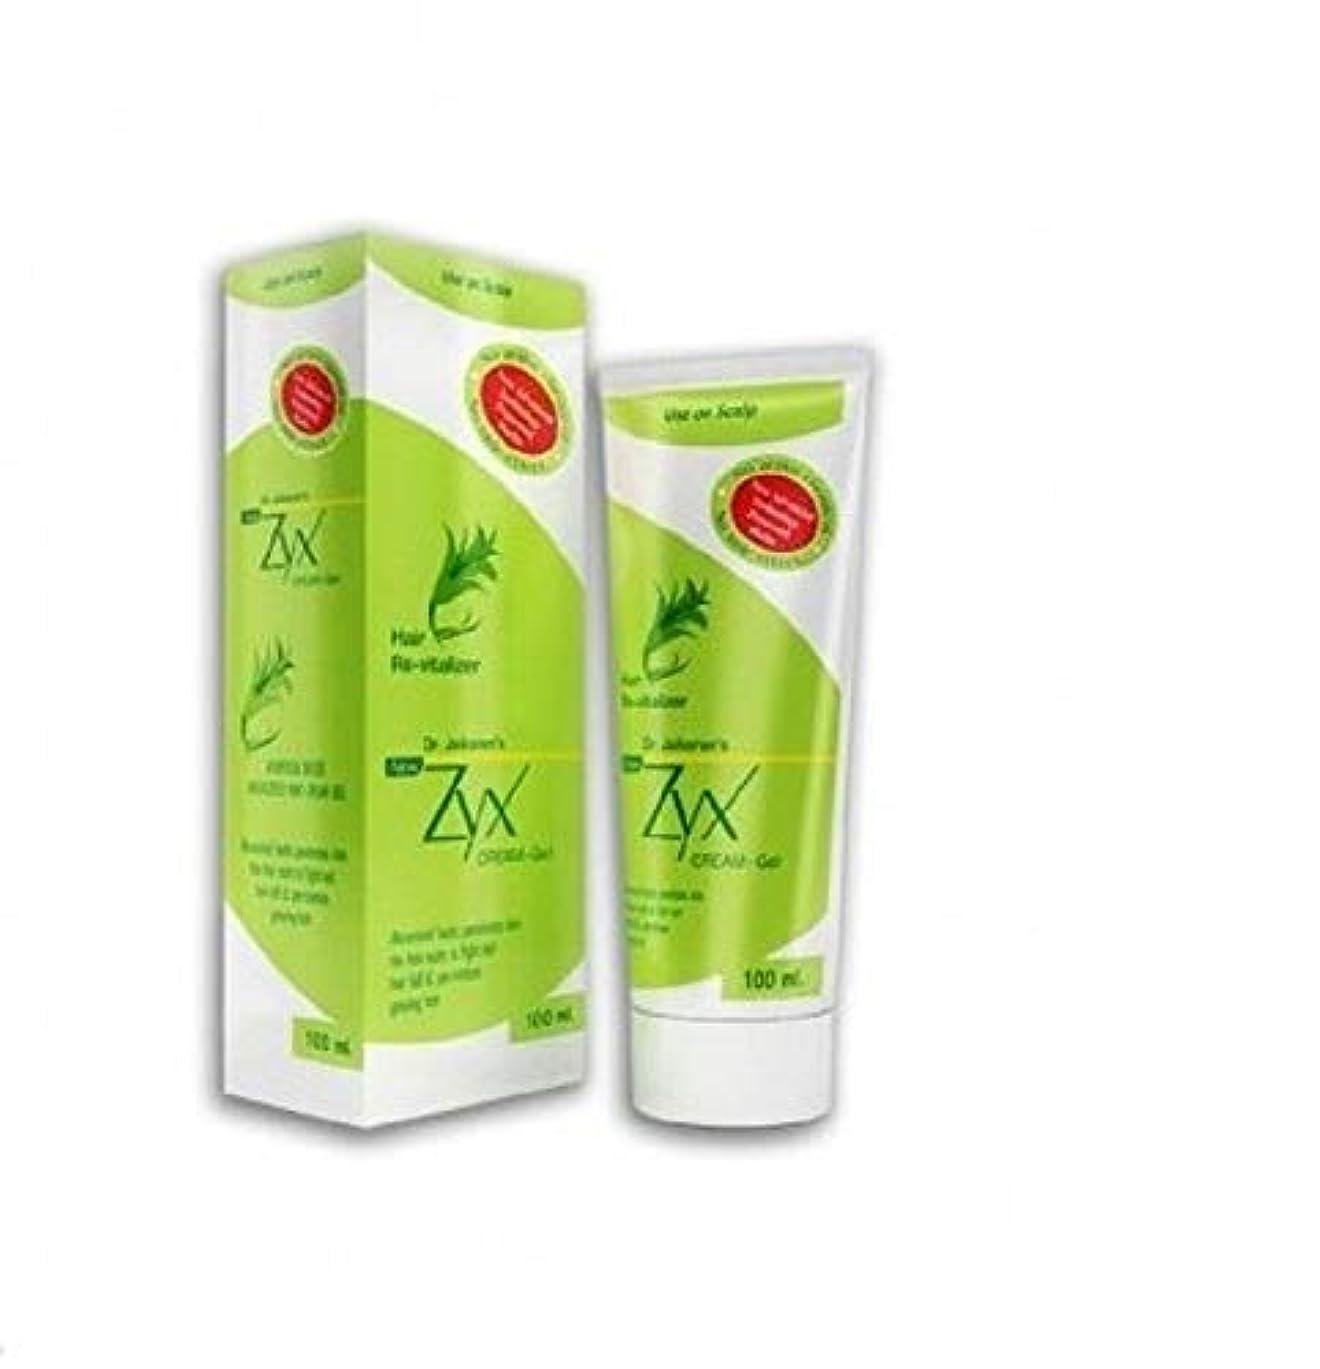 受付道徳落ちたHair Cream Gel Zyx ヘアクリームジェル 100ml 100% Natural for prevention of Hair related problems 髪の毛の問題を予防するための100%ナチュラル